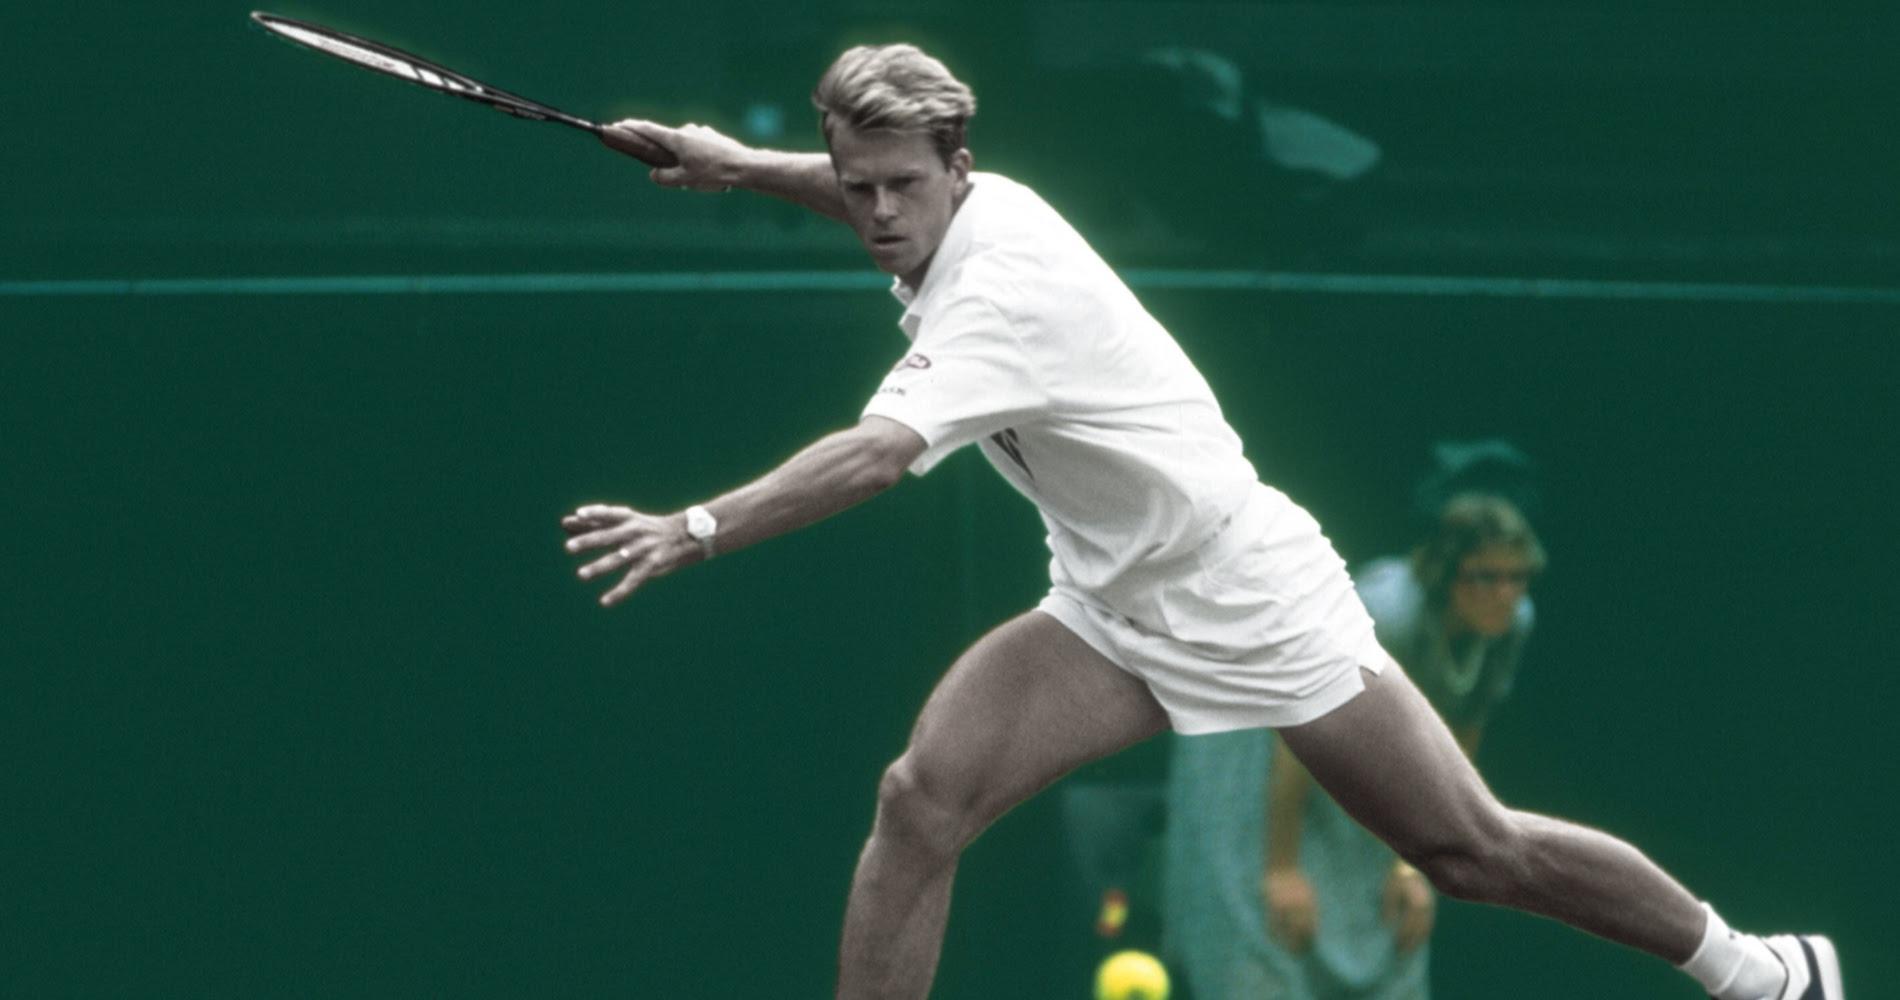 Stefan Edberg inflige un triple 6-0 à son compatriote Eriksson, lors du premier tour de Wimbledon 1987